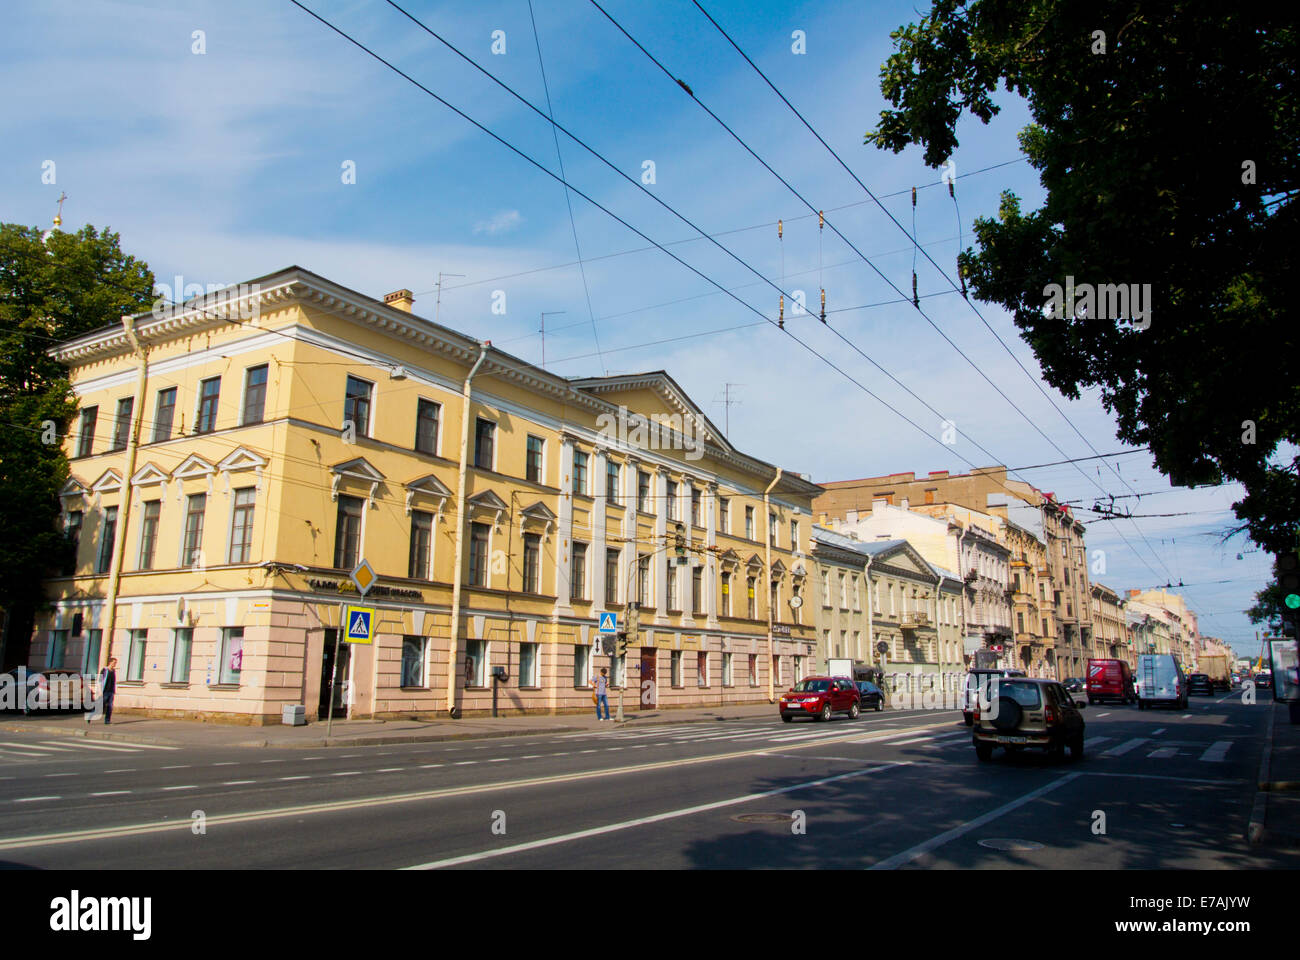 1st Line (Linii) sreet, Vasilyevsky Island, Saint Petersburg, Russia, Europe - Stock Image